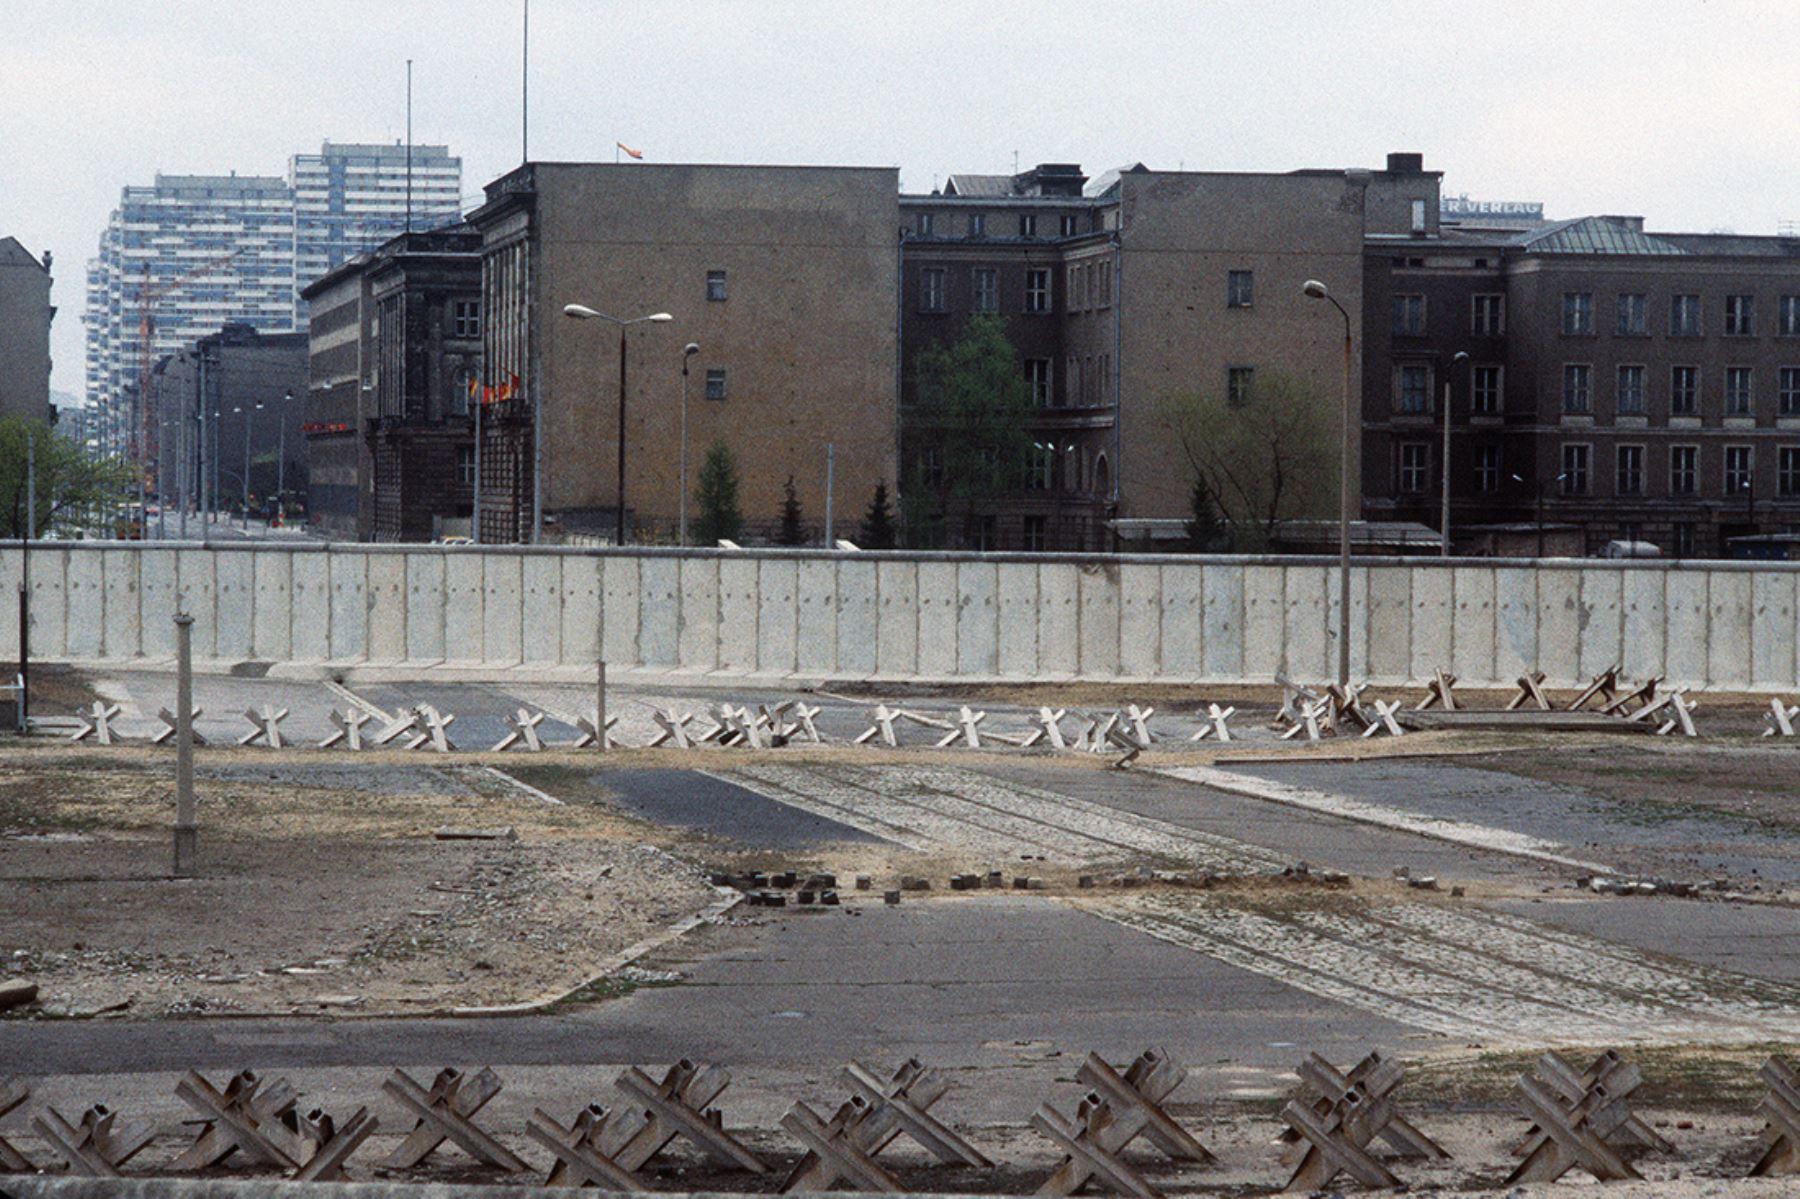 El Muro de Berlín y el sector soviético en 1984. El muro fue construido por el gobierno de Alemania del Este para aislar Berlín Oriental de la parte de la ciudad ocupada por las tres principales potencias occidentales:Estados Unidos, Gran Bretaña y Francia, y para prevenir la emigración masiva hacia el Oeste. Foto: AFP